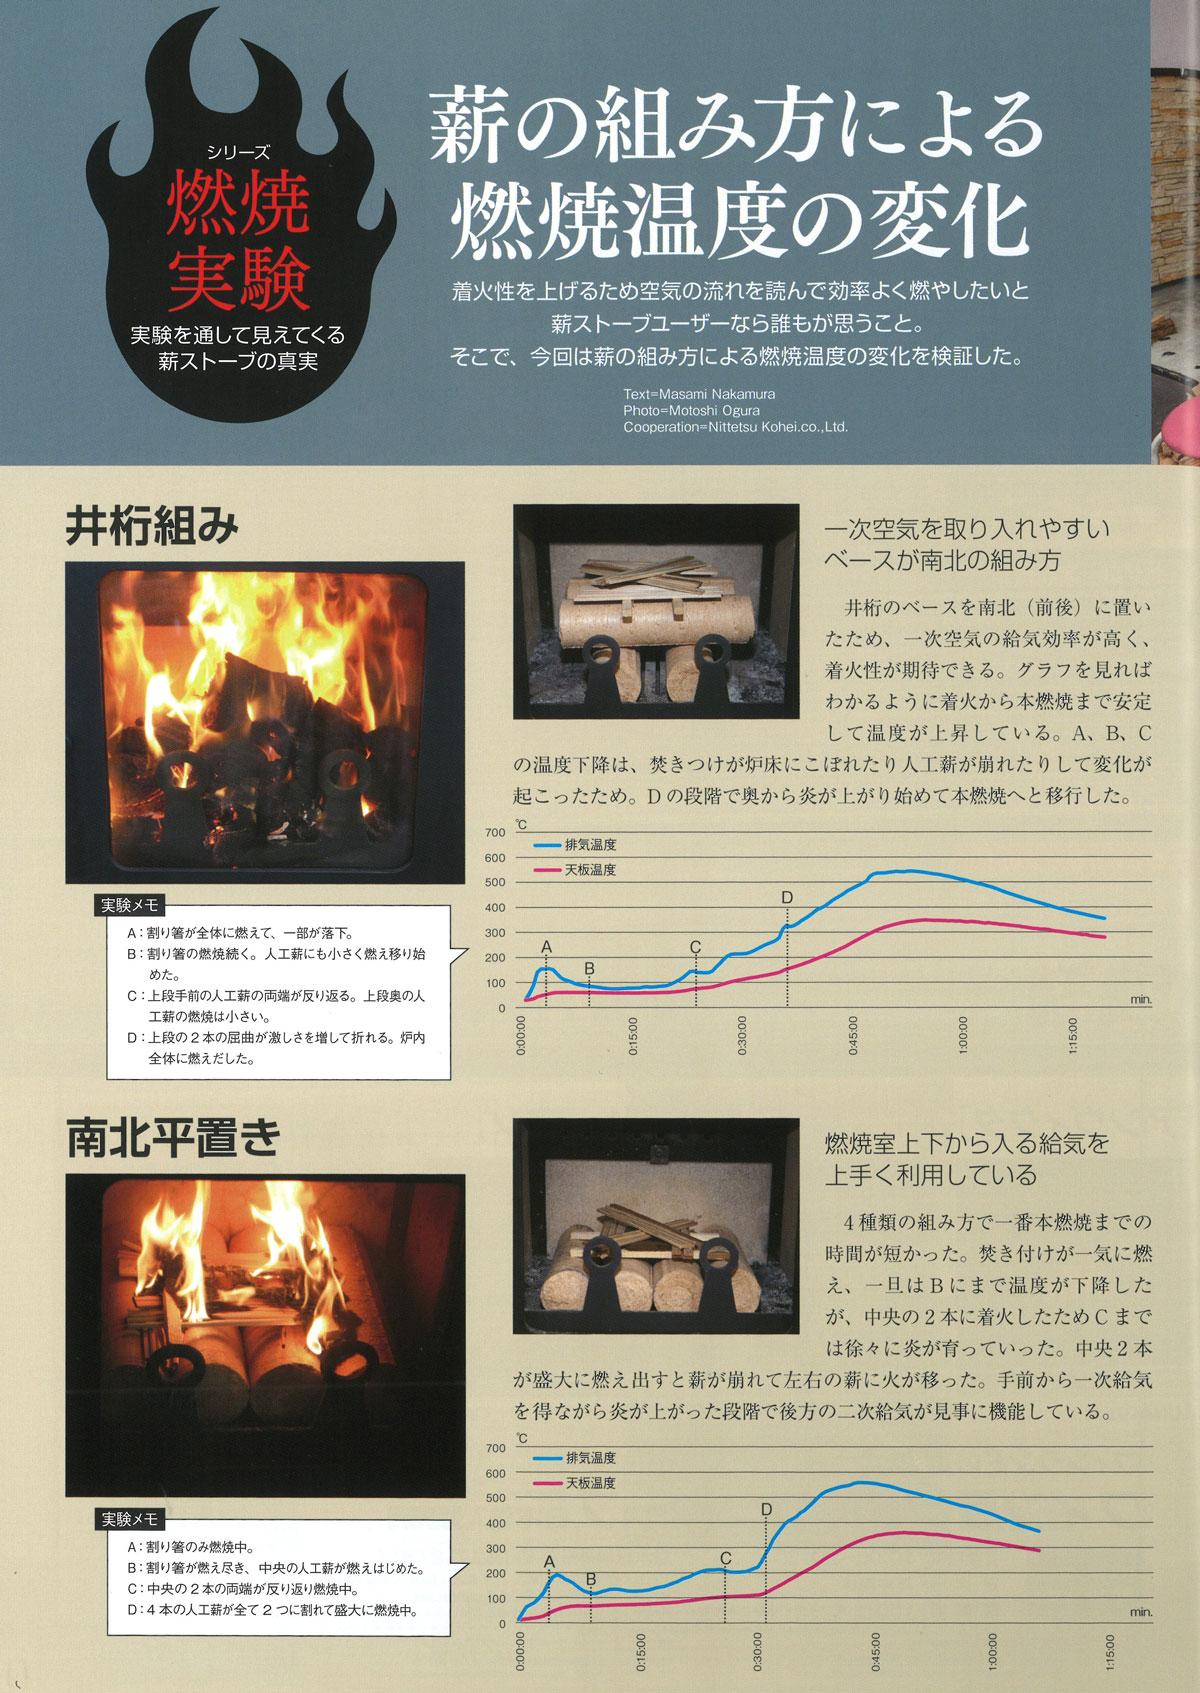 薪ストーブライフ 2018年6月号_1 薪の組み方による燃焼温度の変化